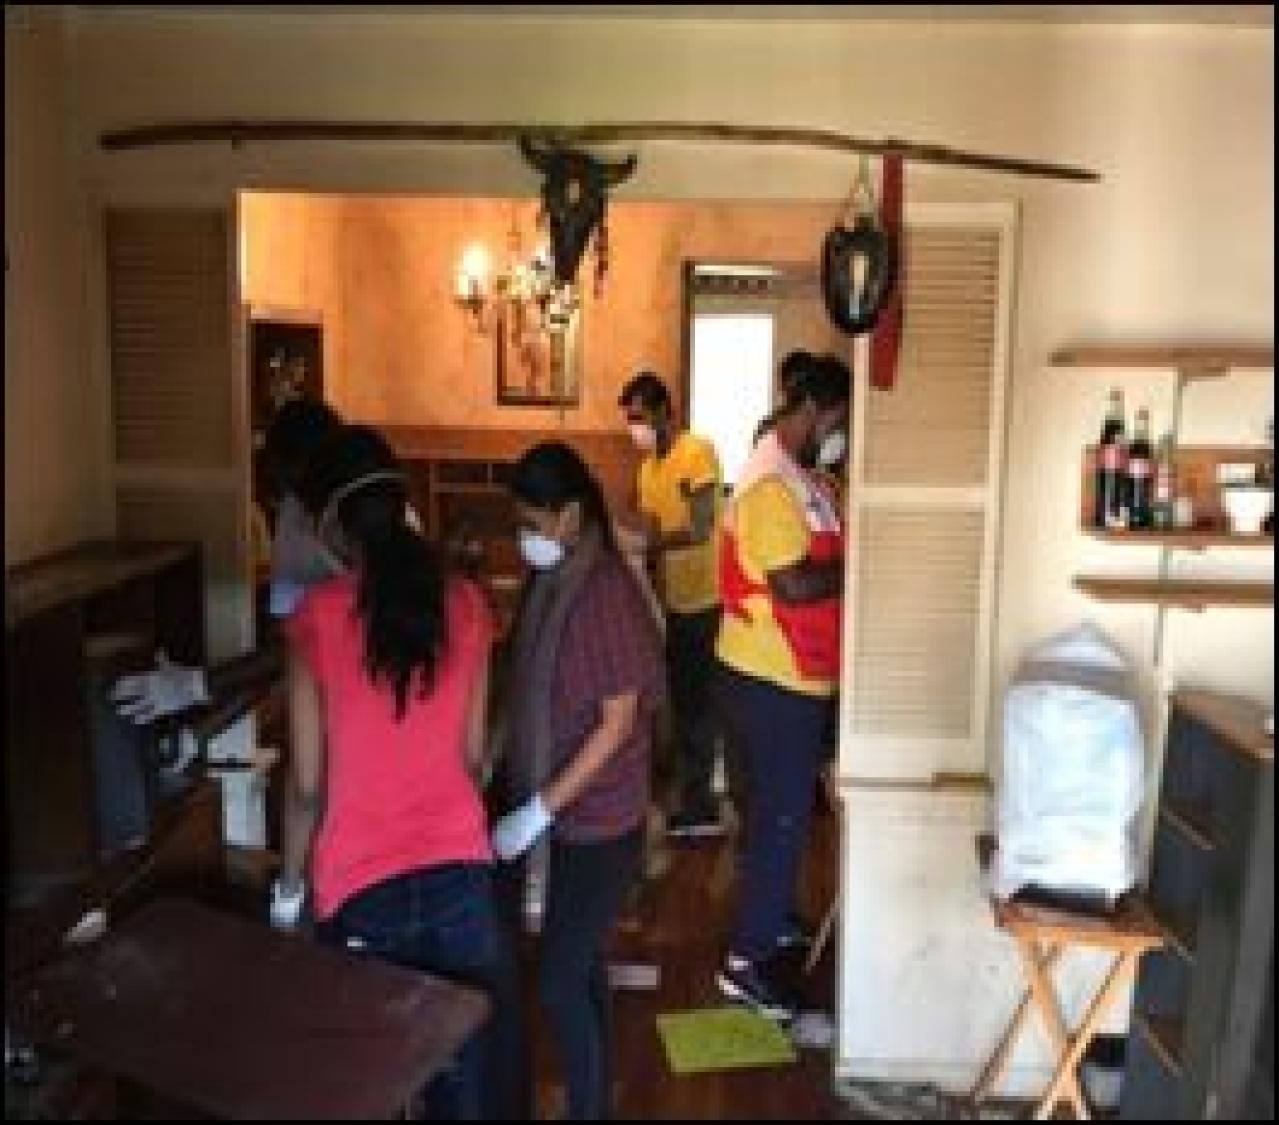 Volunteers clean up debris at homes.